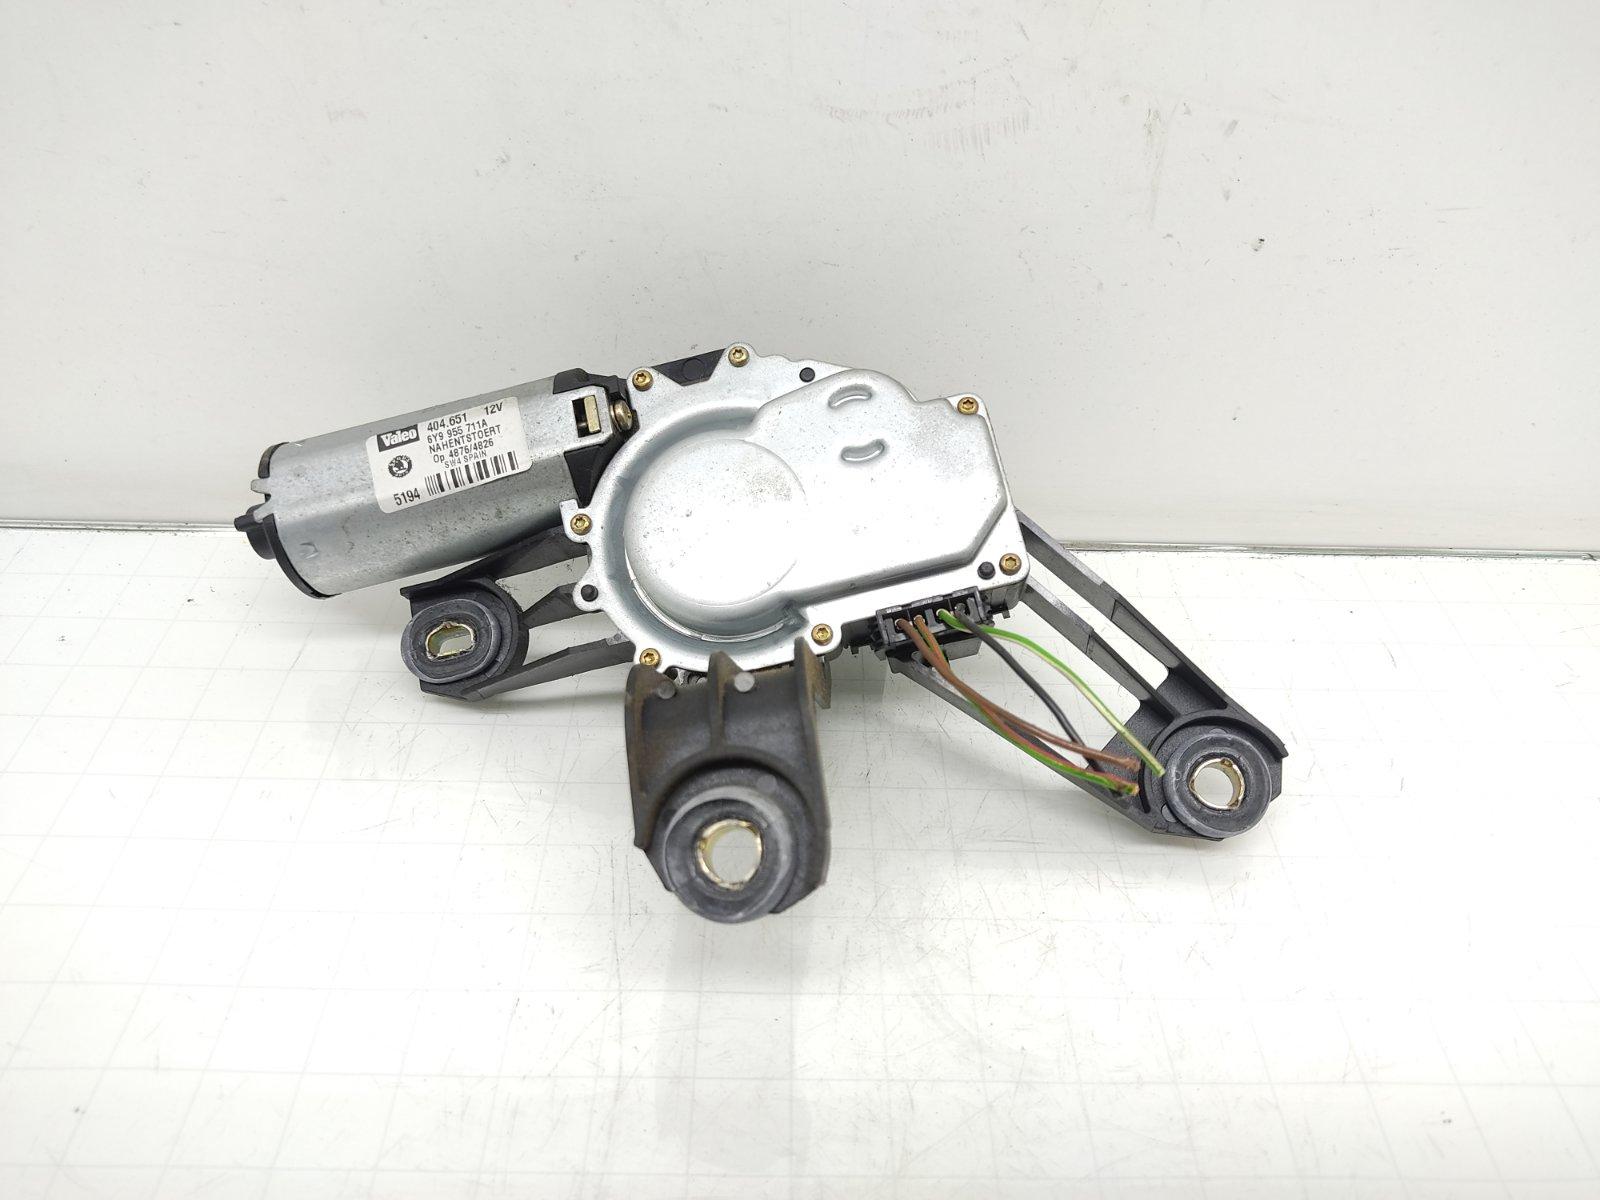 Моторчик заднего стеклоочистителя (дворника) Skoda Fabia 1 1.2 I 2004 (б/у)